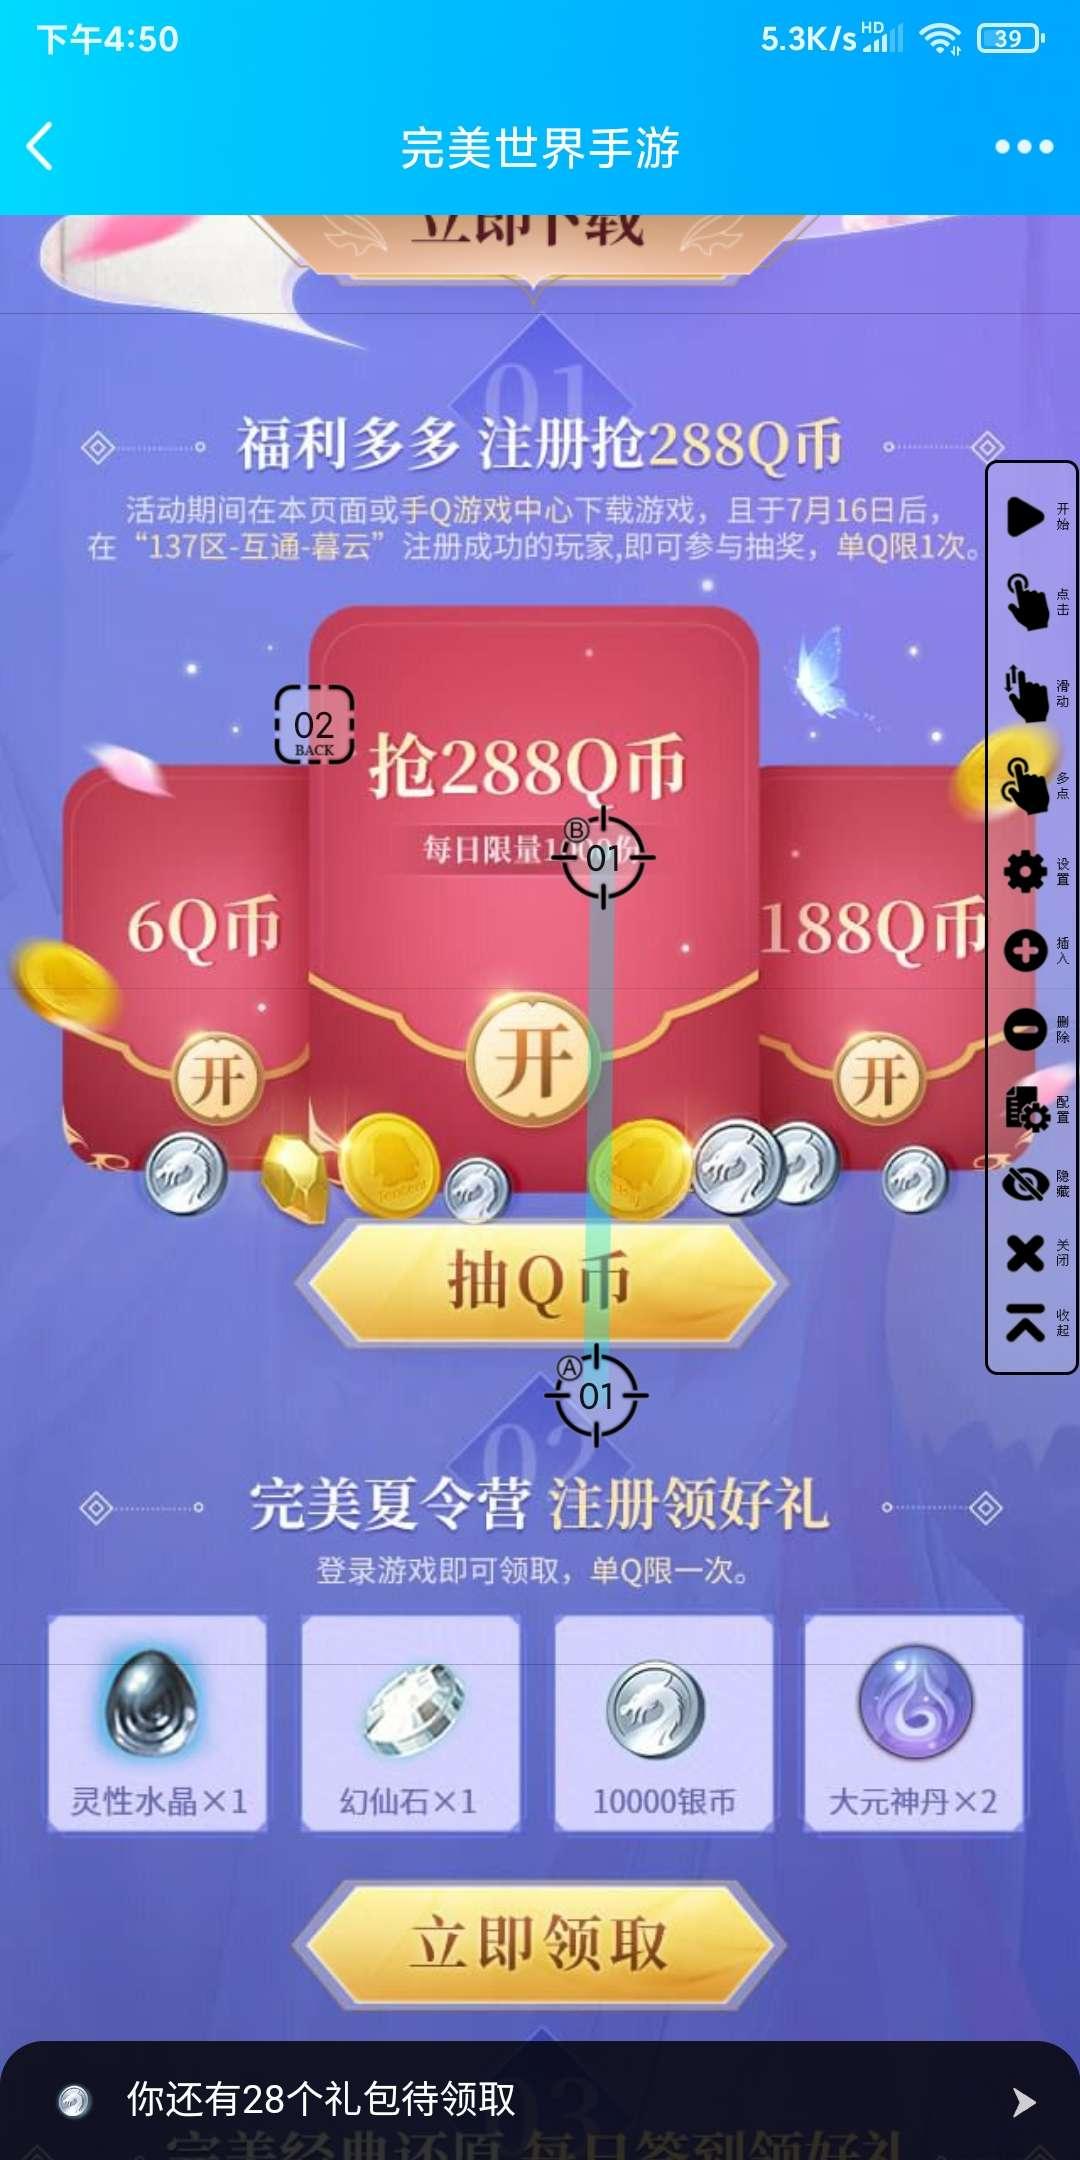 【虚拟物品】完美世界堕落注册就送QQ币